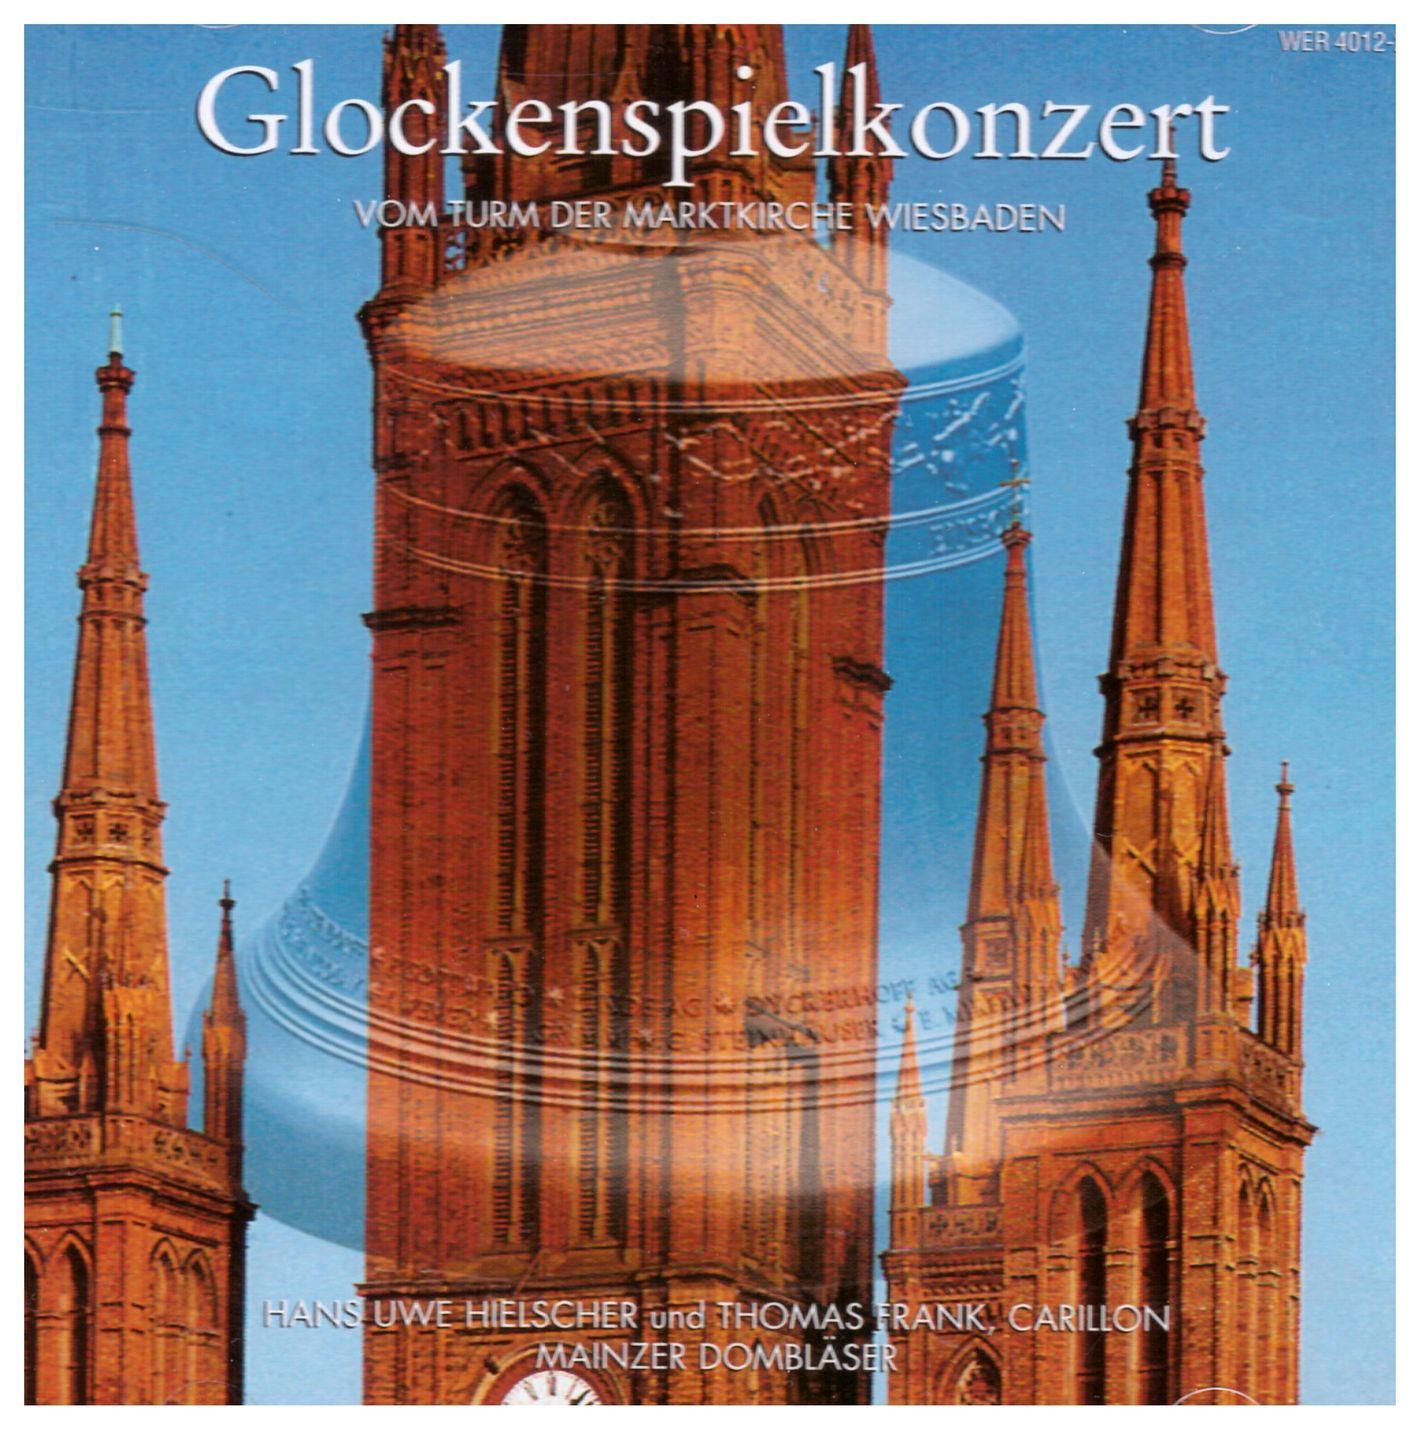 Glockenspielkonzert